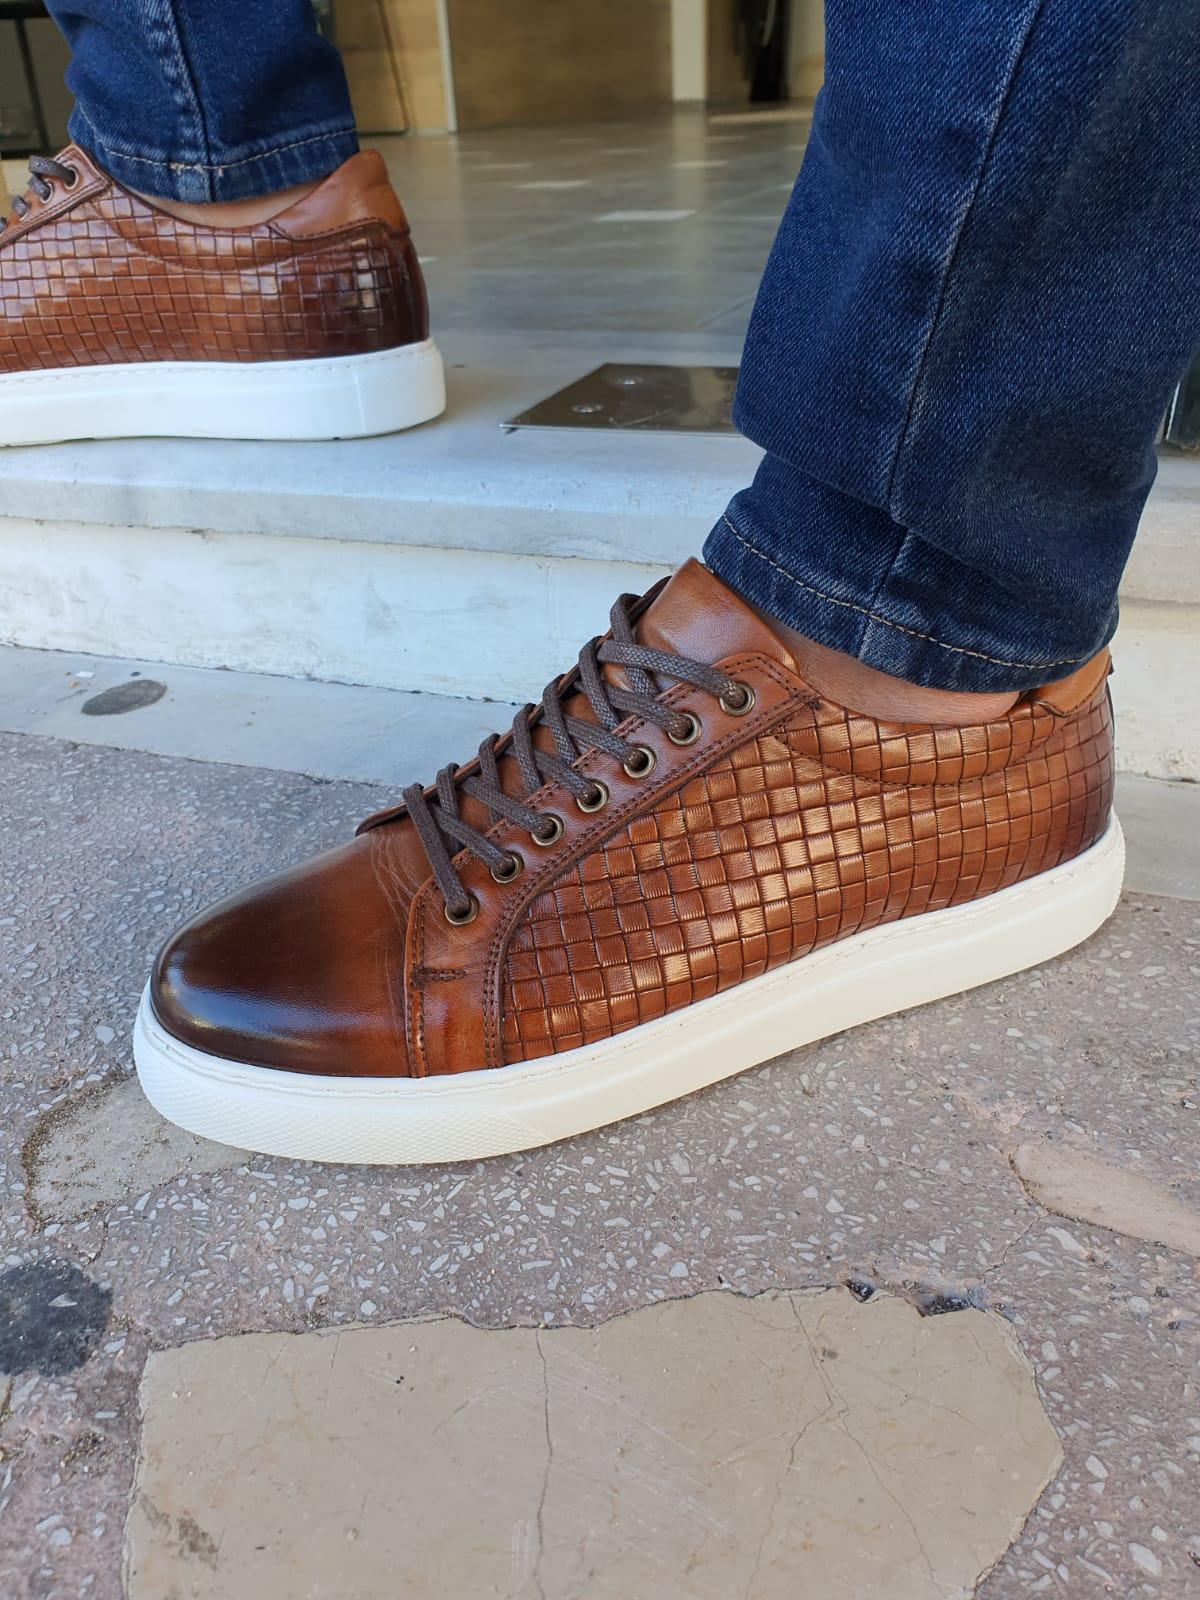 Aysoti Milford Tan Low-Top Sneakers